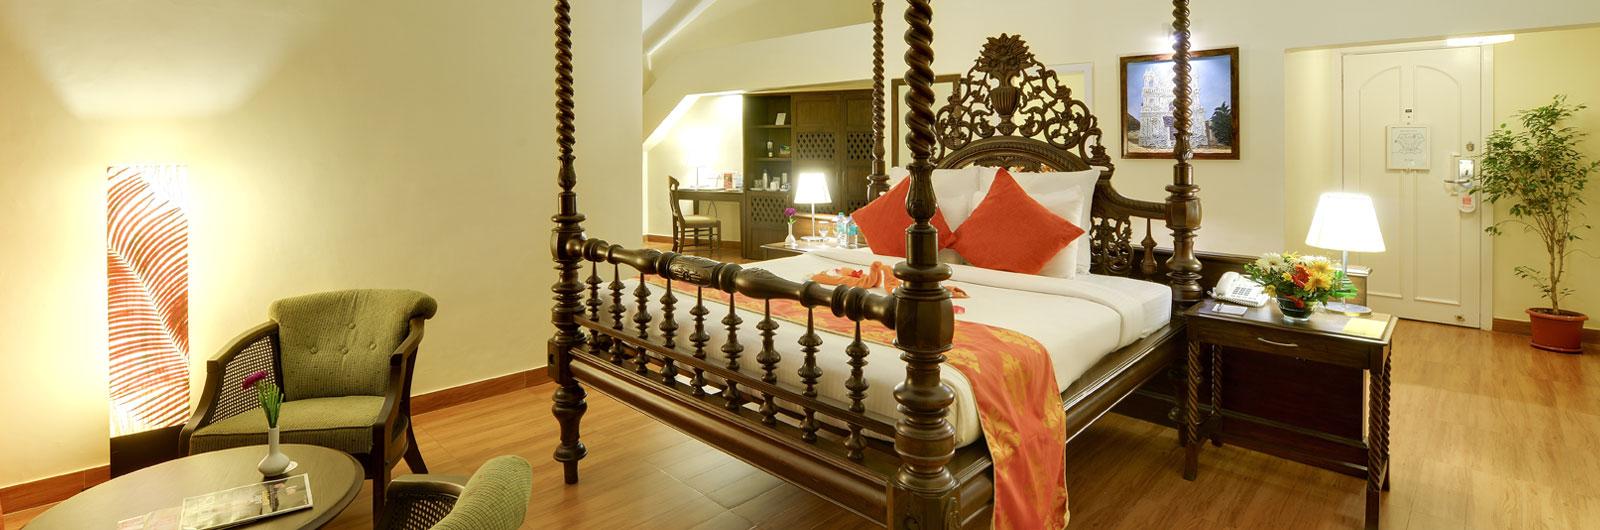 crown hotel room